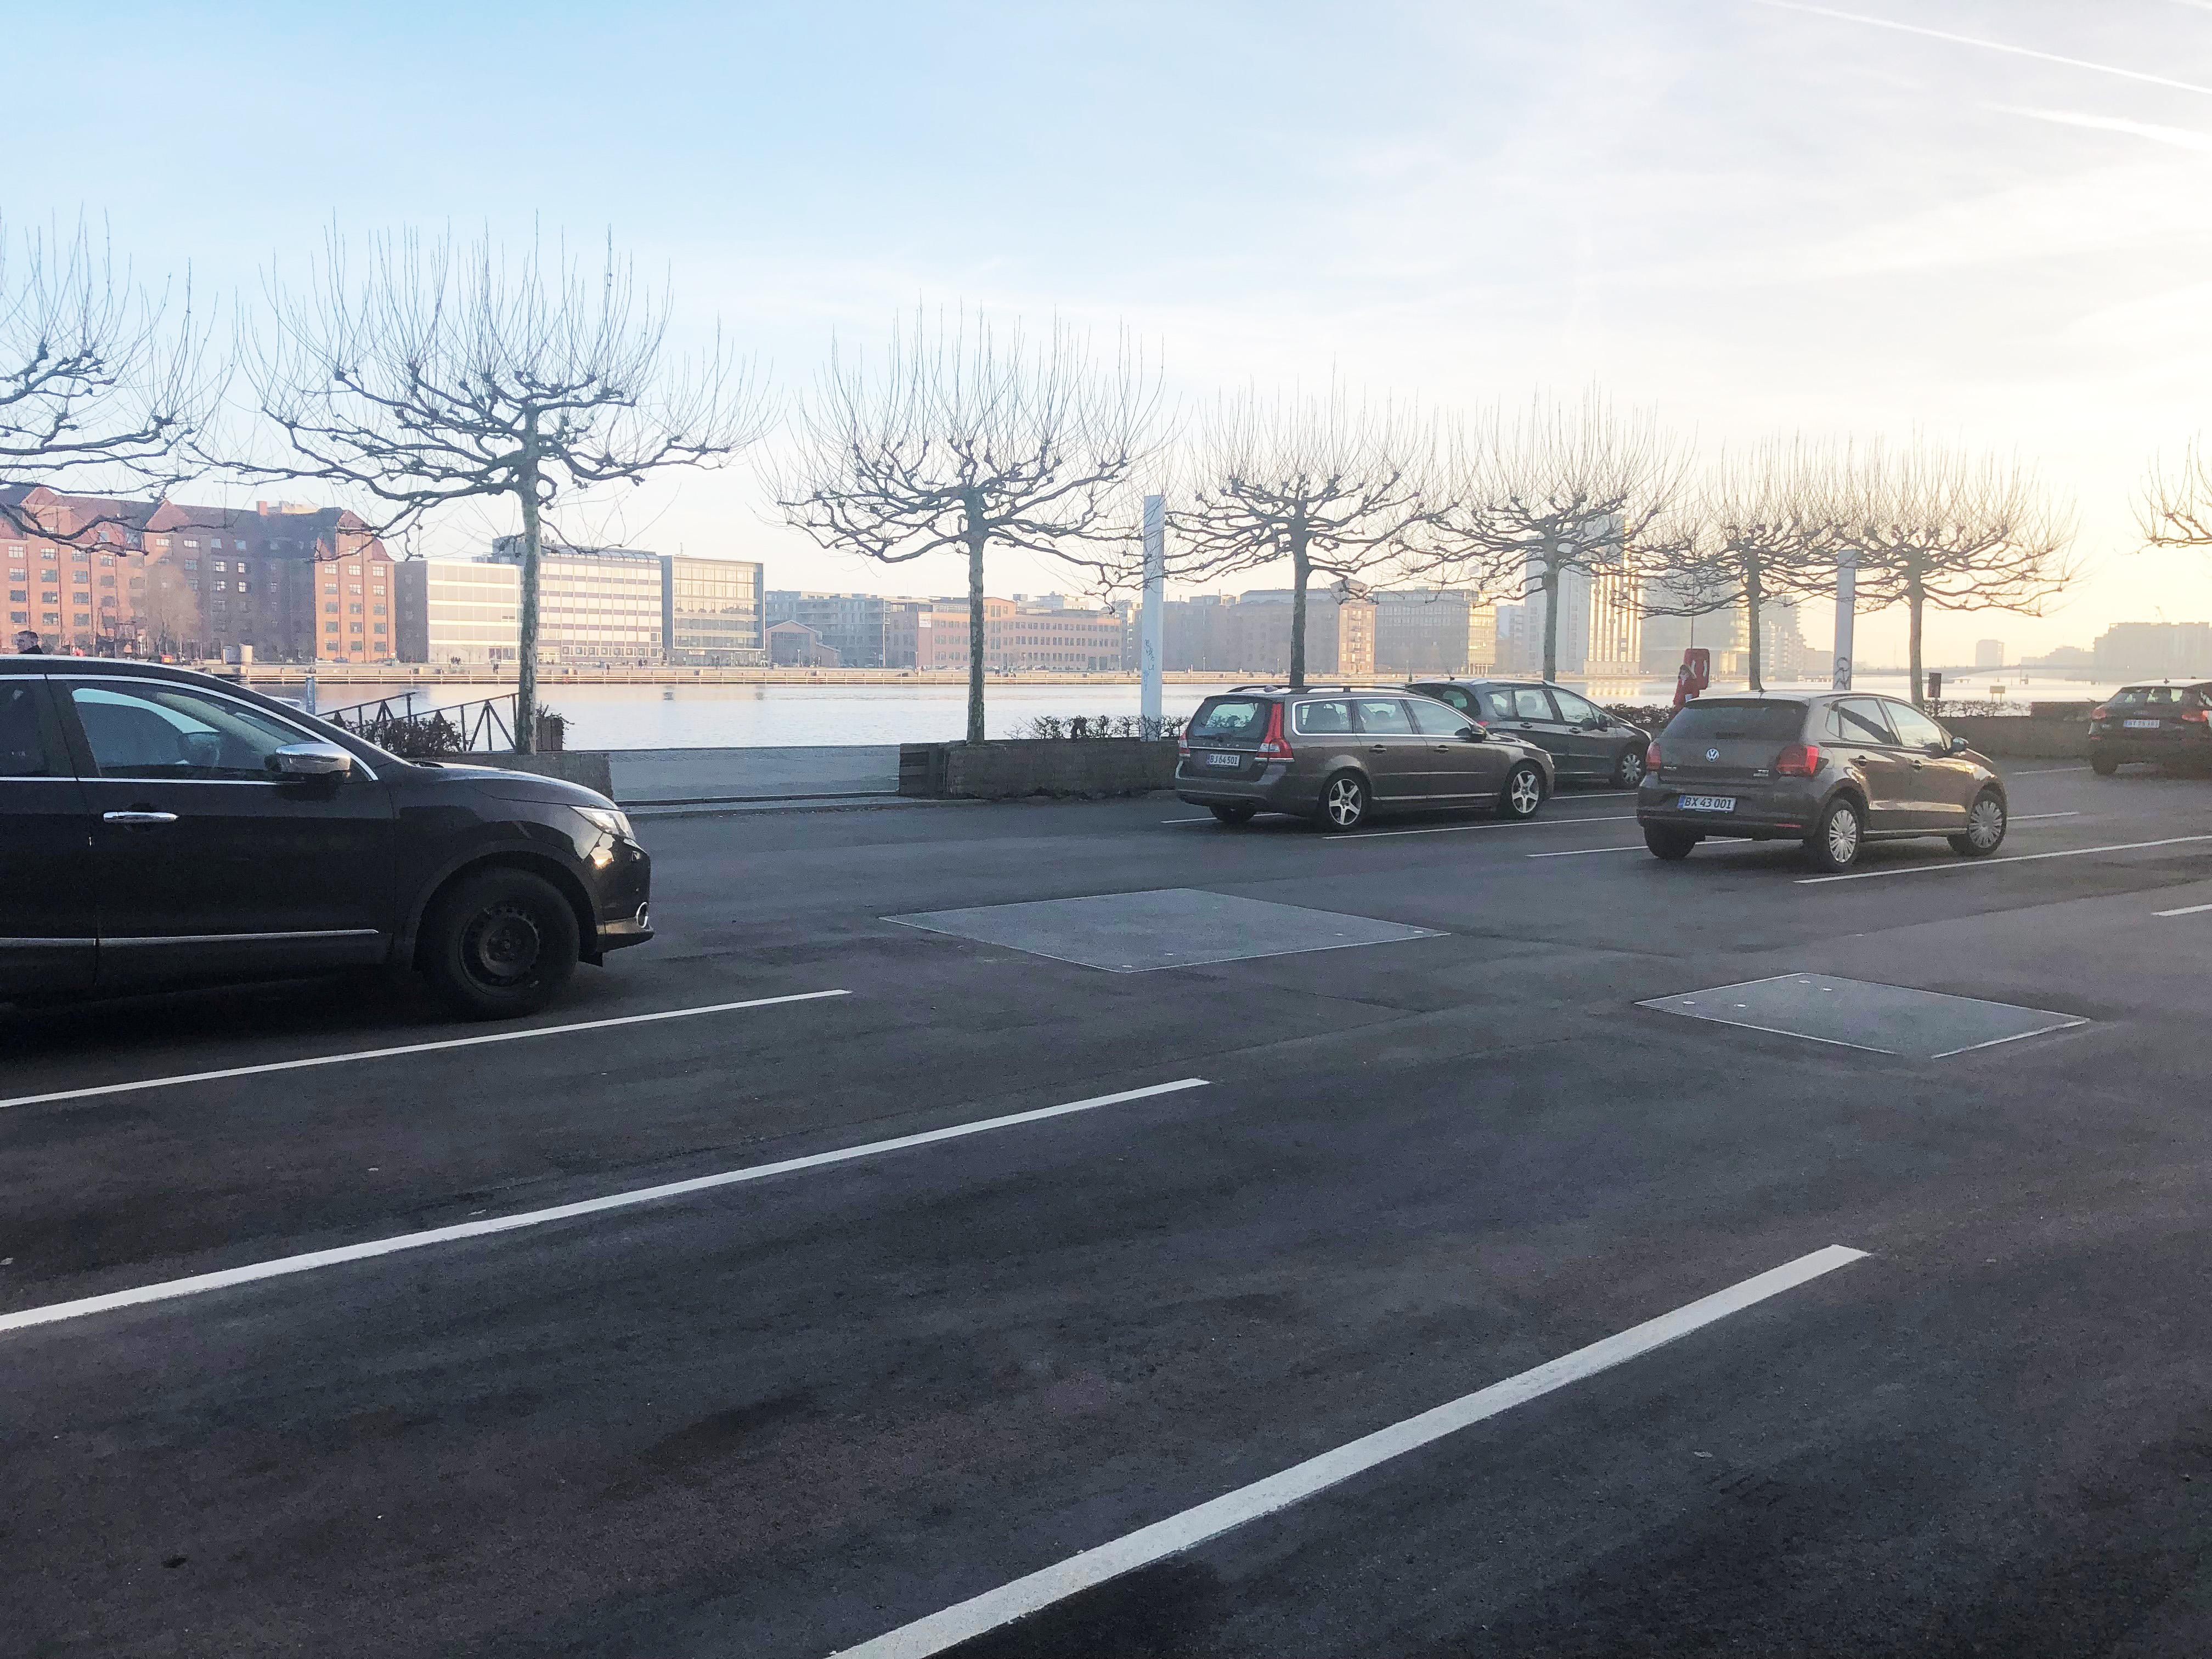 Parkeringsnormer spænder ben for den bæredygtige byudvikling. Via Trafik har skrevet en artikel om emnet.